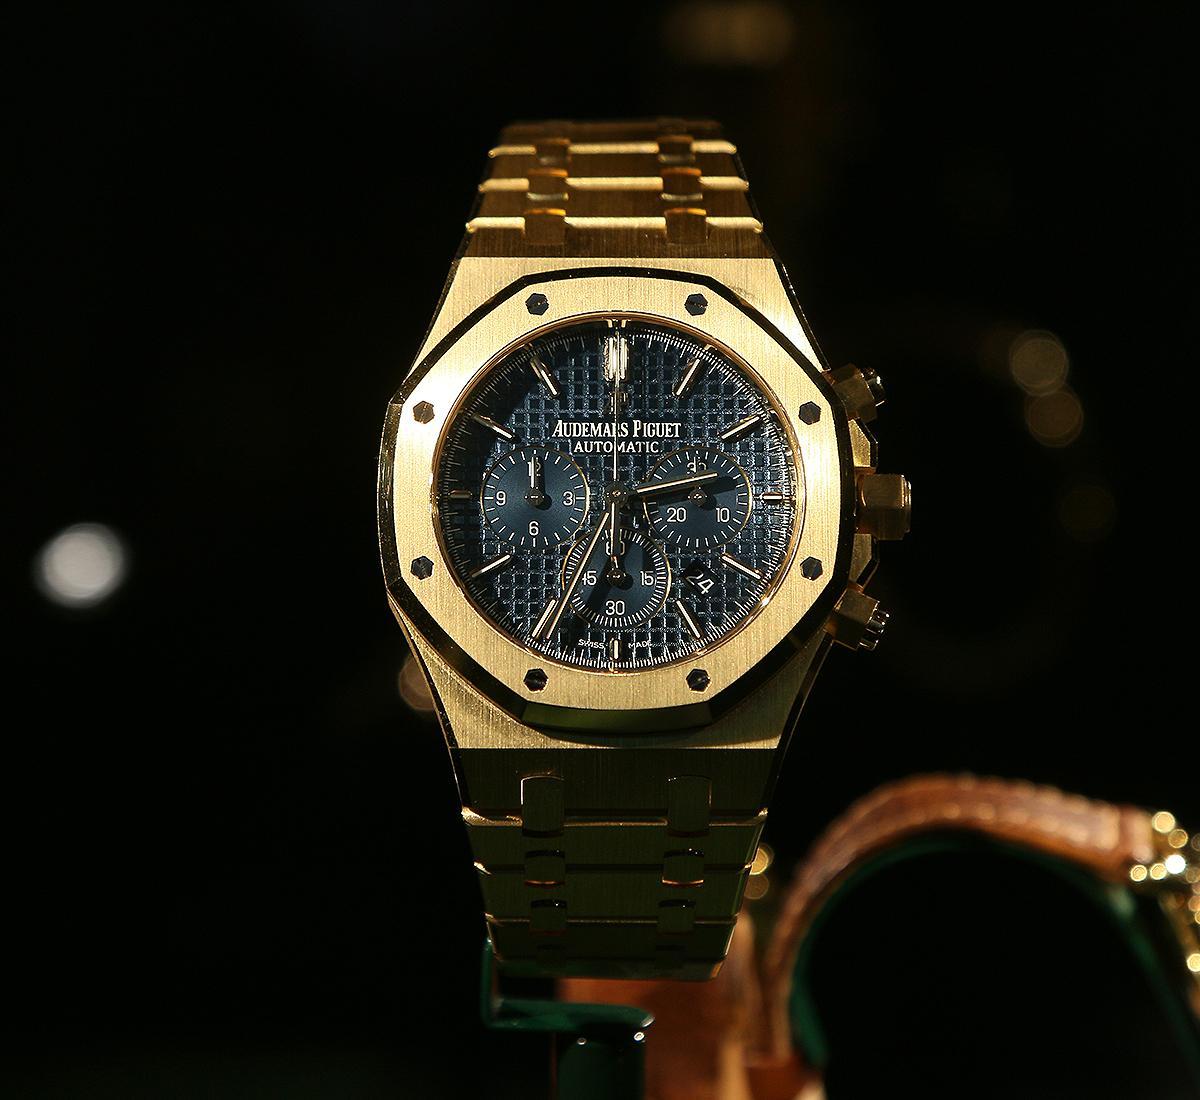 今年愛彼嘗試黃金材質錶殼的皇家橡樹,風格越趨古典。